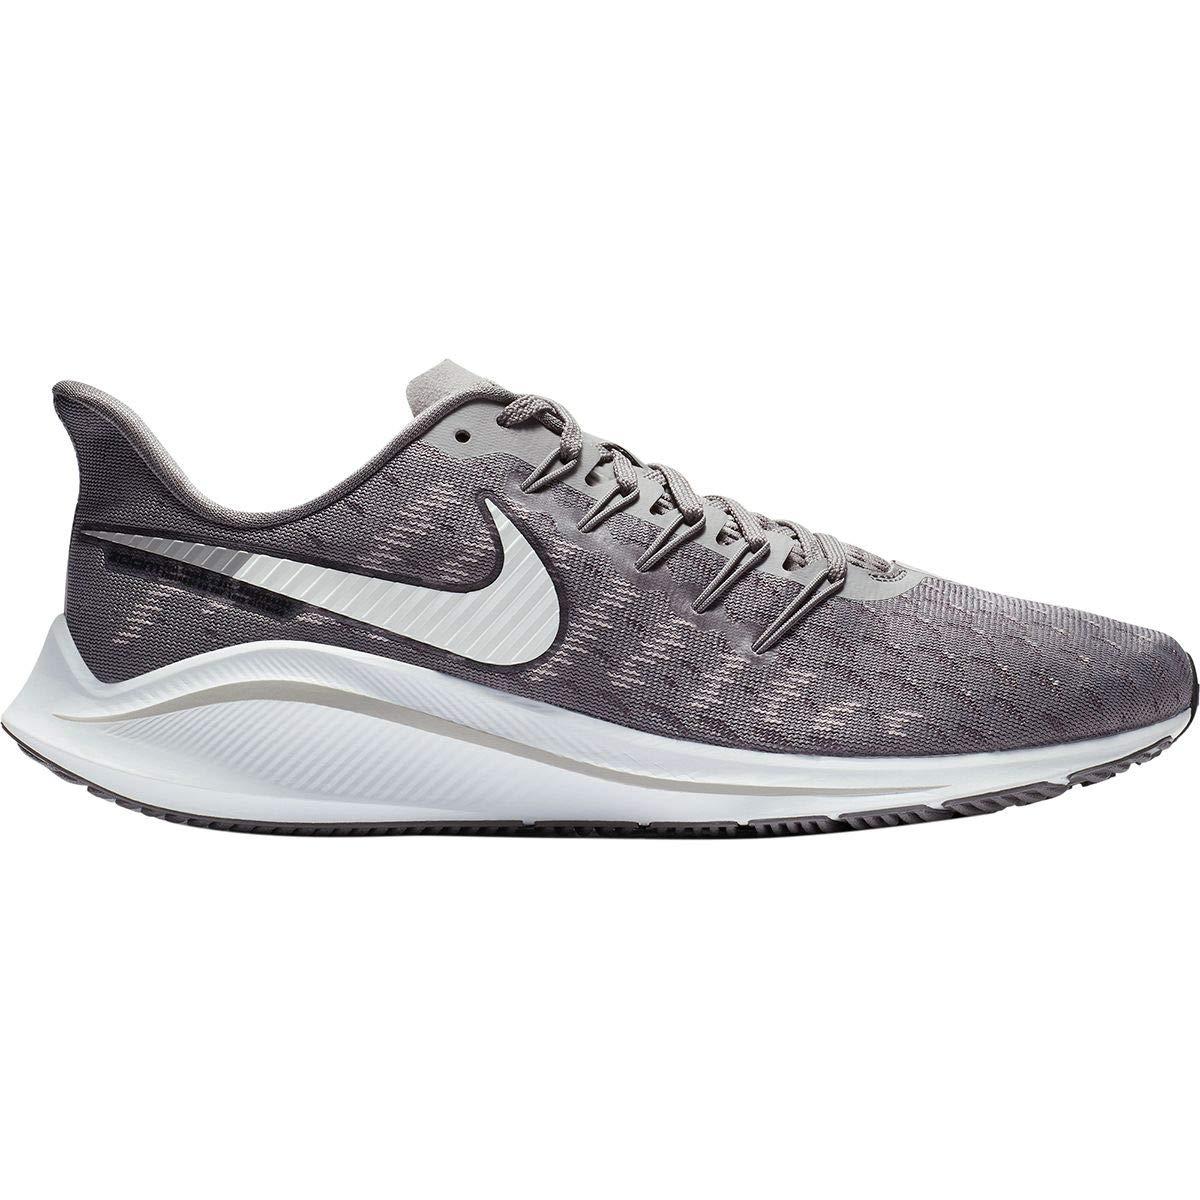 【超新作】 [ナイキ] メンズ ランニング Air 11.5 B07NZMZX1Q Zoom Vomero [ナイキ] 14 Running Shoe [並行輸入品] B07NZMZX1Q 11.5, タテヤママチ:378feb04 --- vrpawar.in